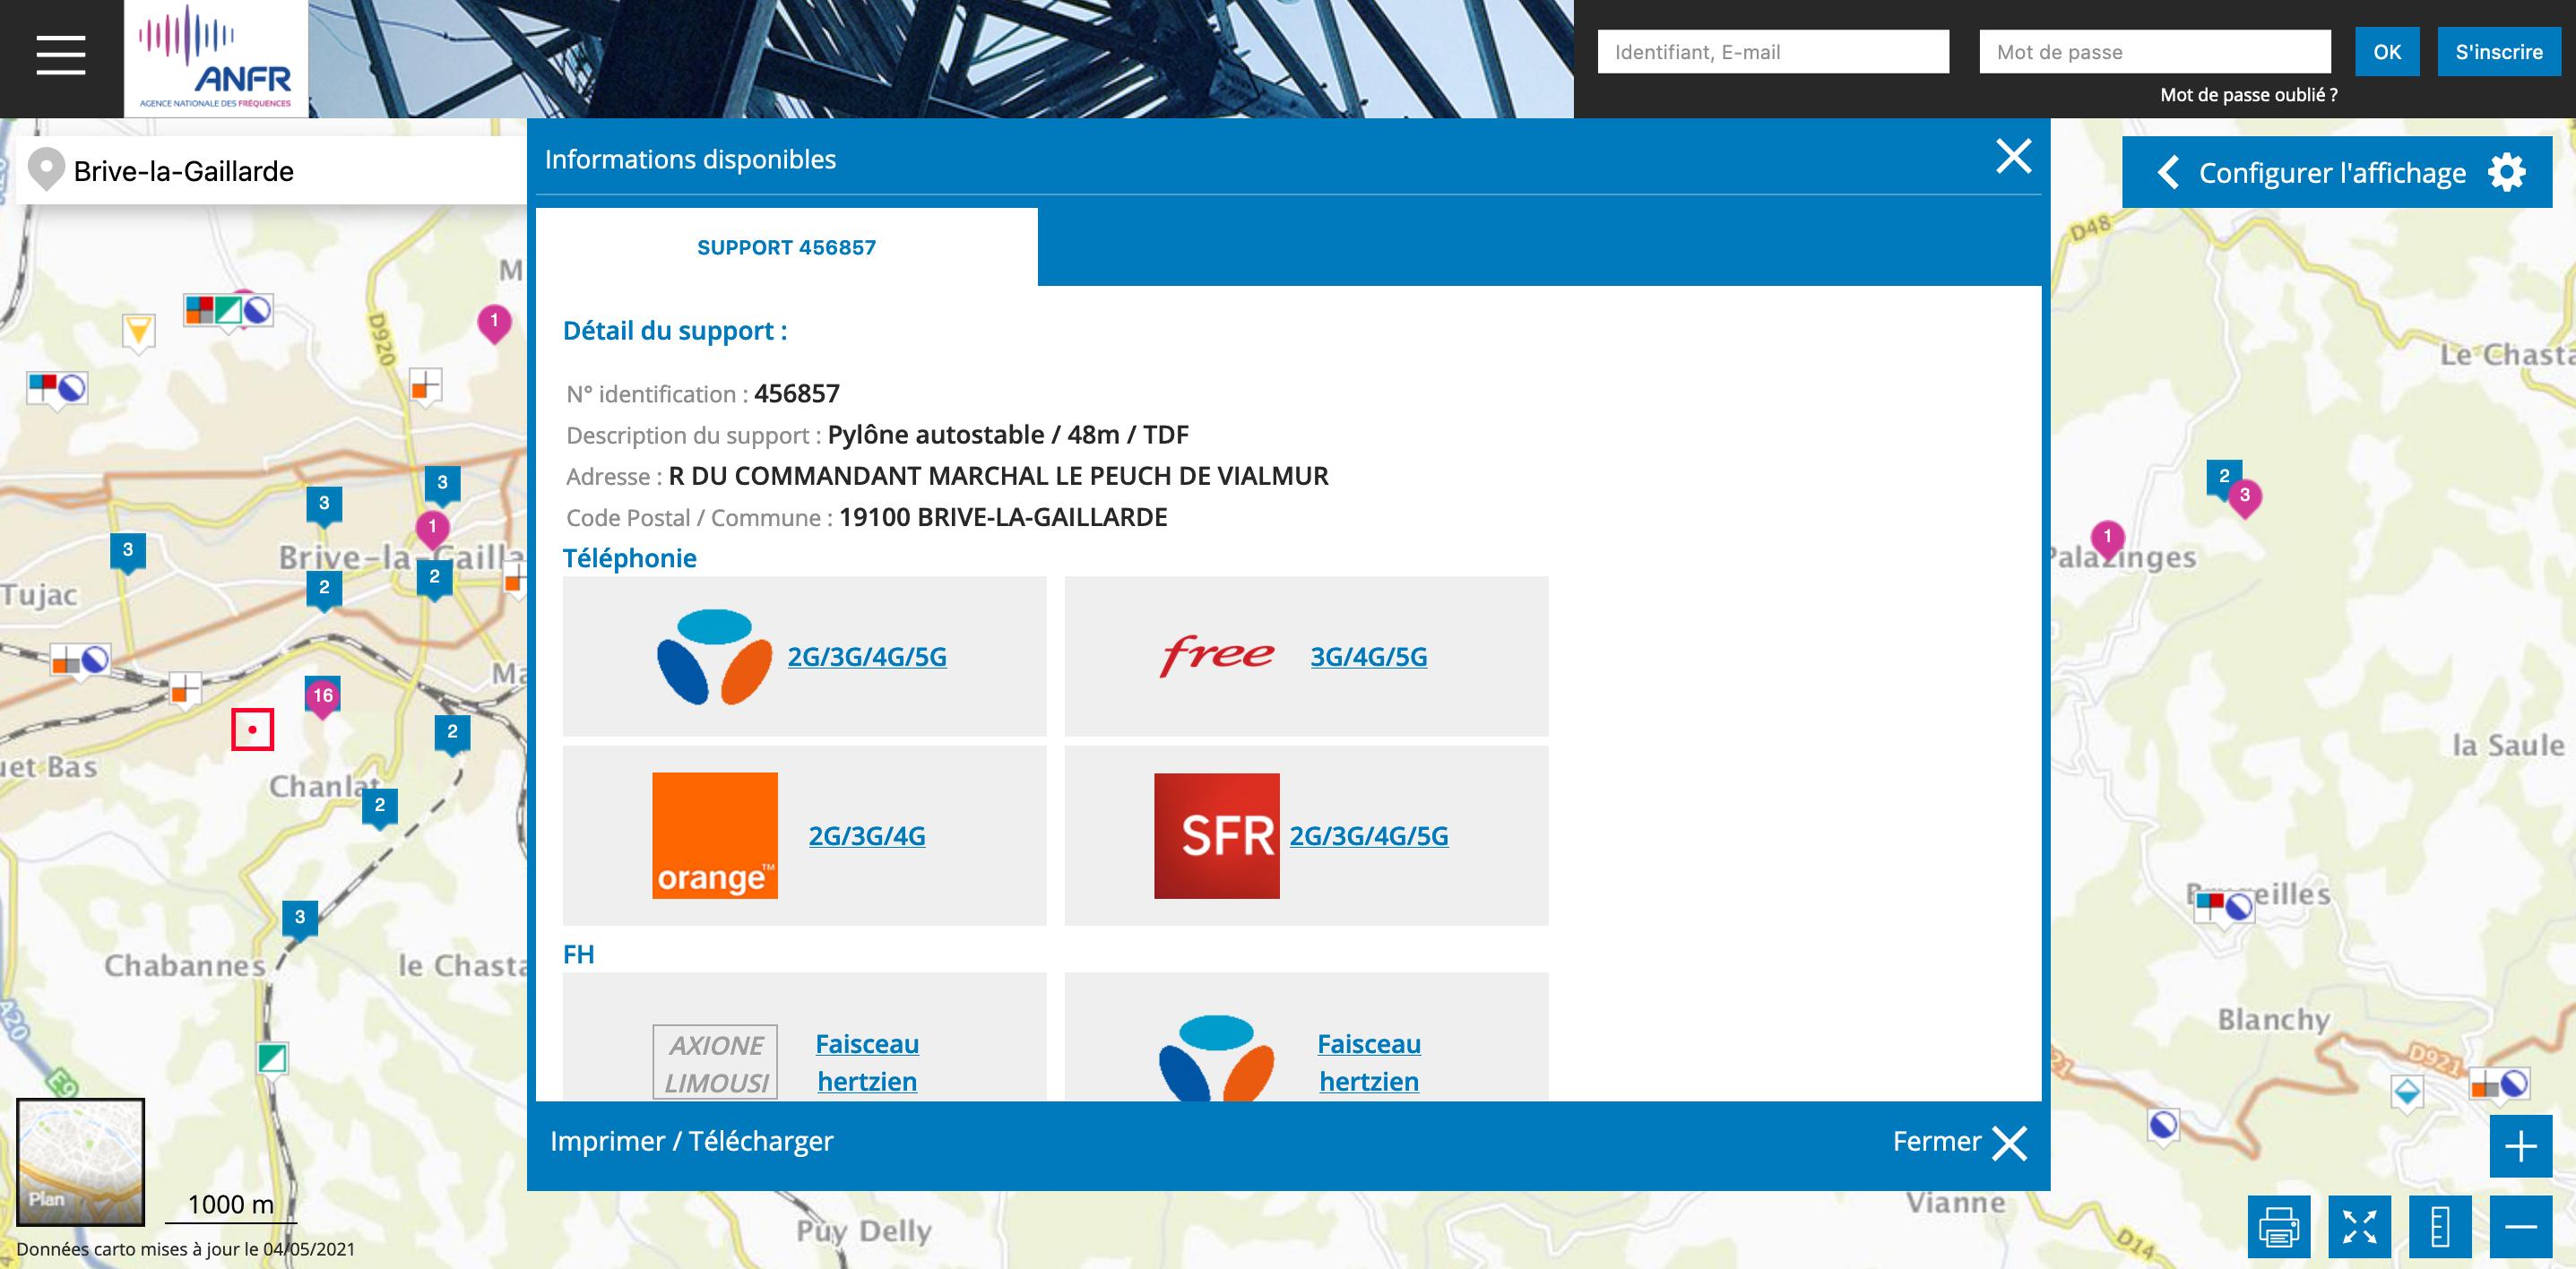 Pour voir avec précision, dans un territoire donné, la situation du déploiement des réseaux mobiles, le site Cartoradio.fr permet de zoomer sur une zone de votre choix et de voir quels sont les sites autorisés par l'ANFR, et pour quel opérateur